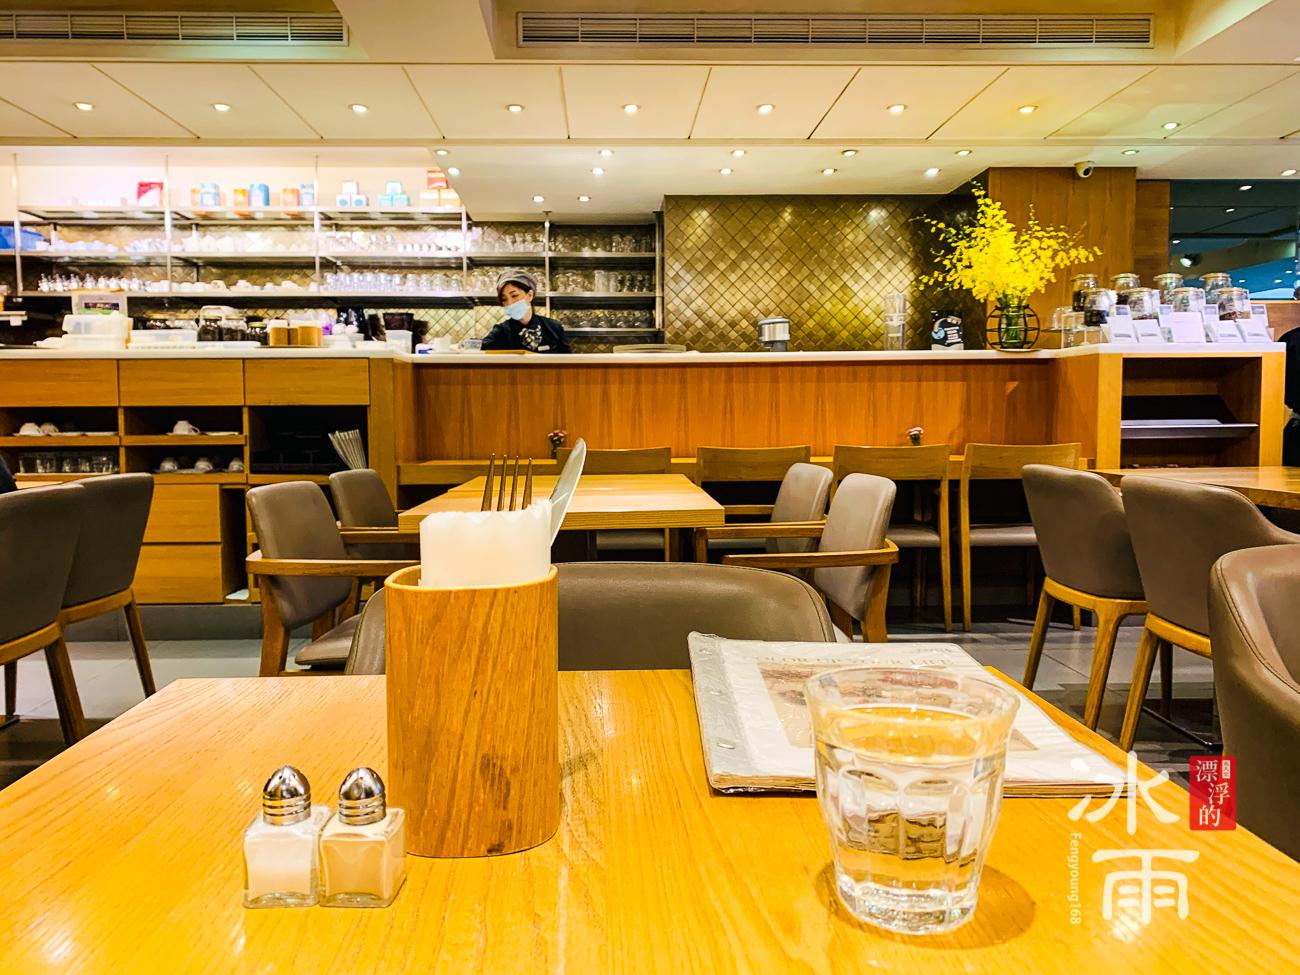 佐曼咖啡Jumane Cafe|刀叉桶